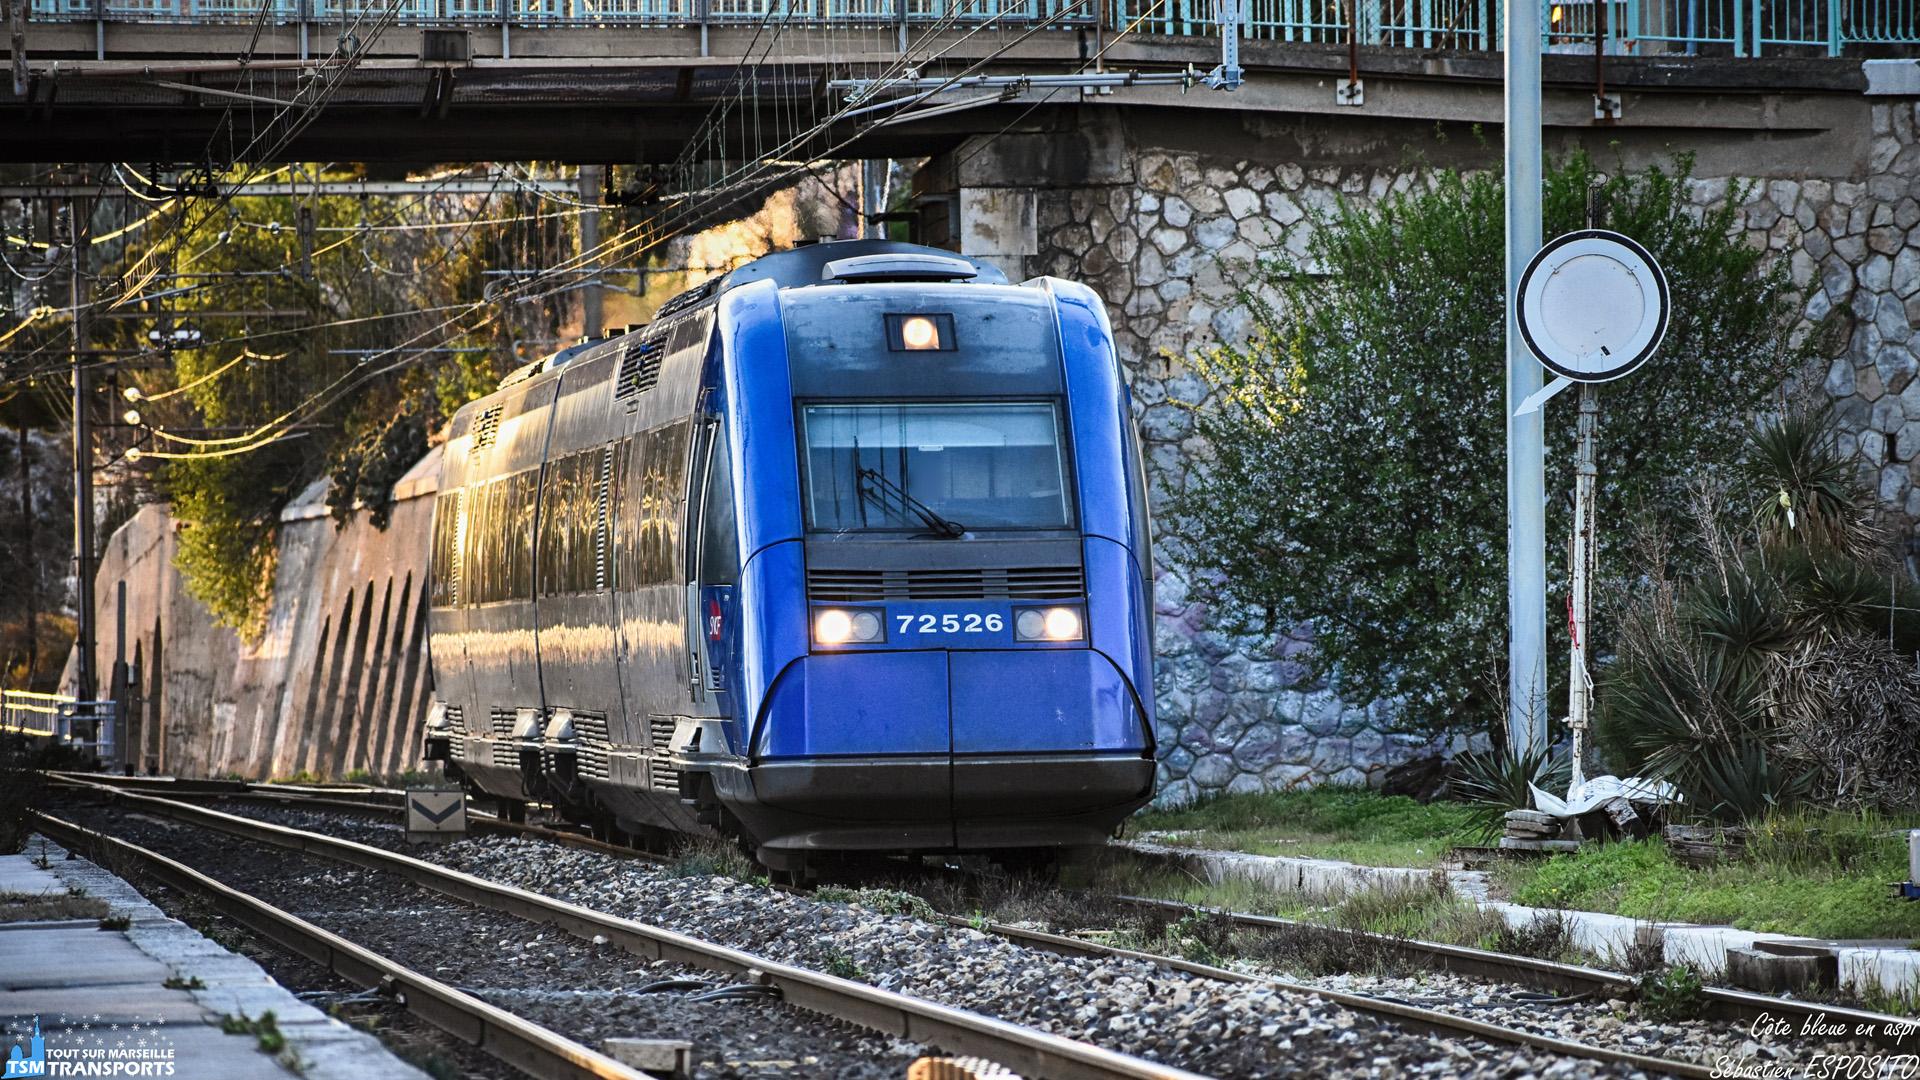 Cette session de spot à L'Estaque permet le retour des aspi devant mon objectif, celui-ci assure le TER  879747 vers la cité phocéenne et qui arrive pile à l'heure à la sortie de la ligne de la côte bleue. . ℹ️ Alstom X72500 (X72525/26) non baptisé. . 📍 Gare de L'Estaque, Avenue de Caronte, 16eme arrondissement de Marseille. . ↔️ TER 879747 : Miramas - Marseille Saint Charles via Côte bleue. . 📸 Nikon D5600. . 📷 Nikkor 70-300mm. . 📅 7 Mars 2019 à 18:07. . 👨 Sébastien ESPOSITO.